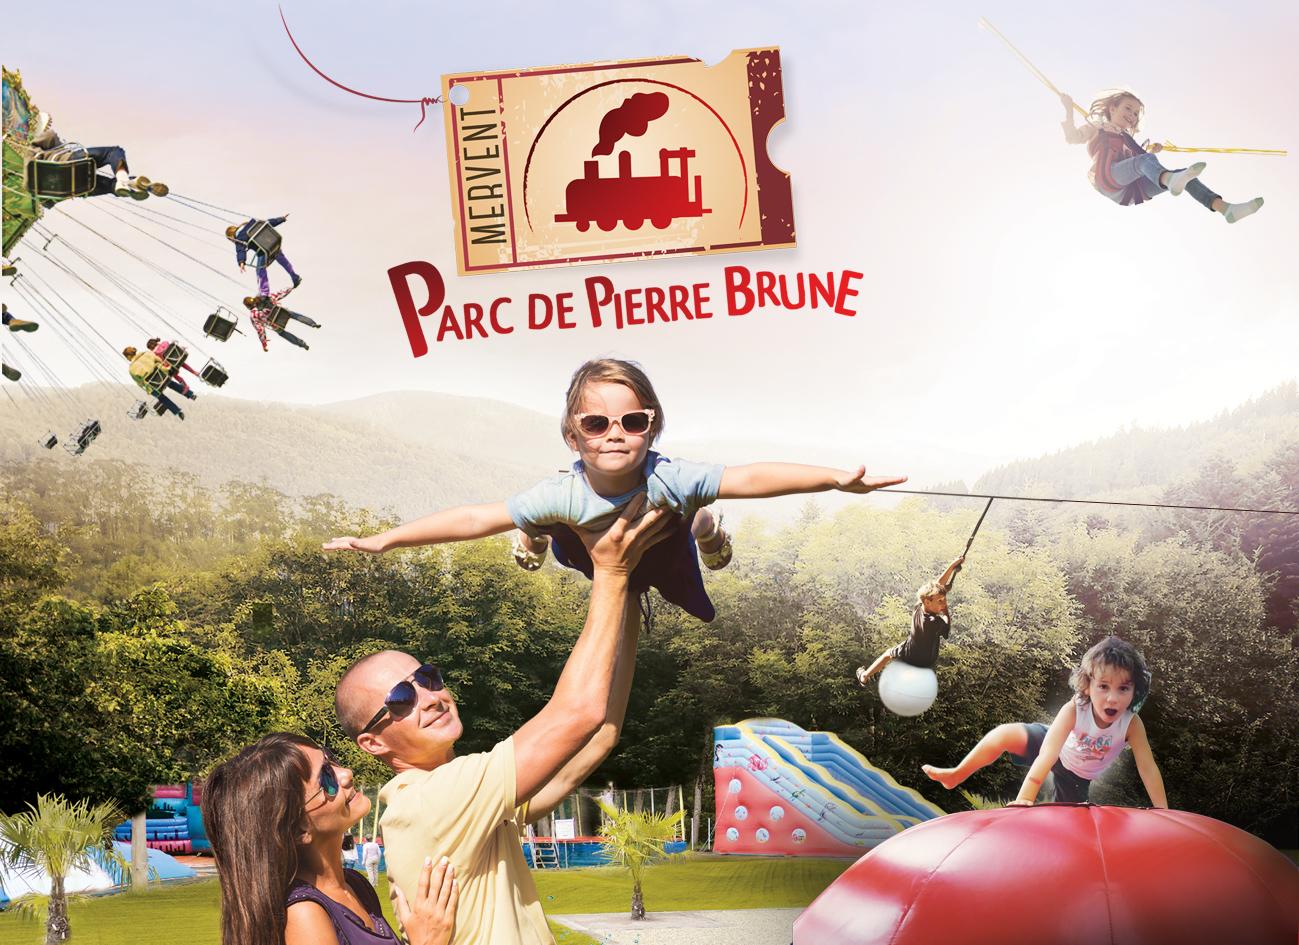 Parc de Pierre-Brune Mervent